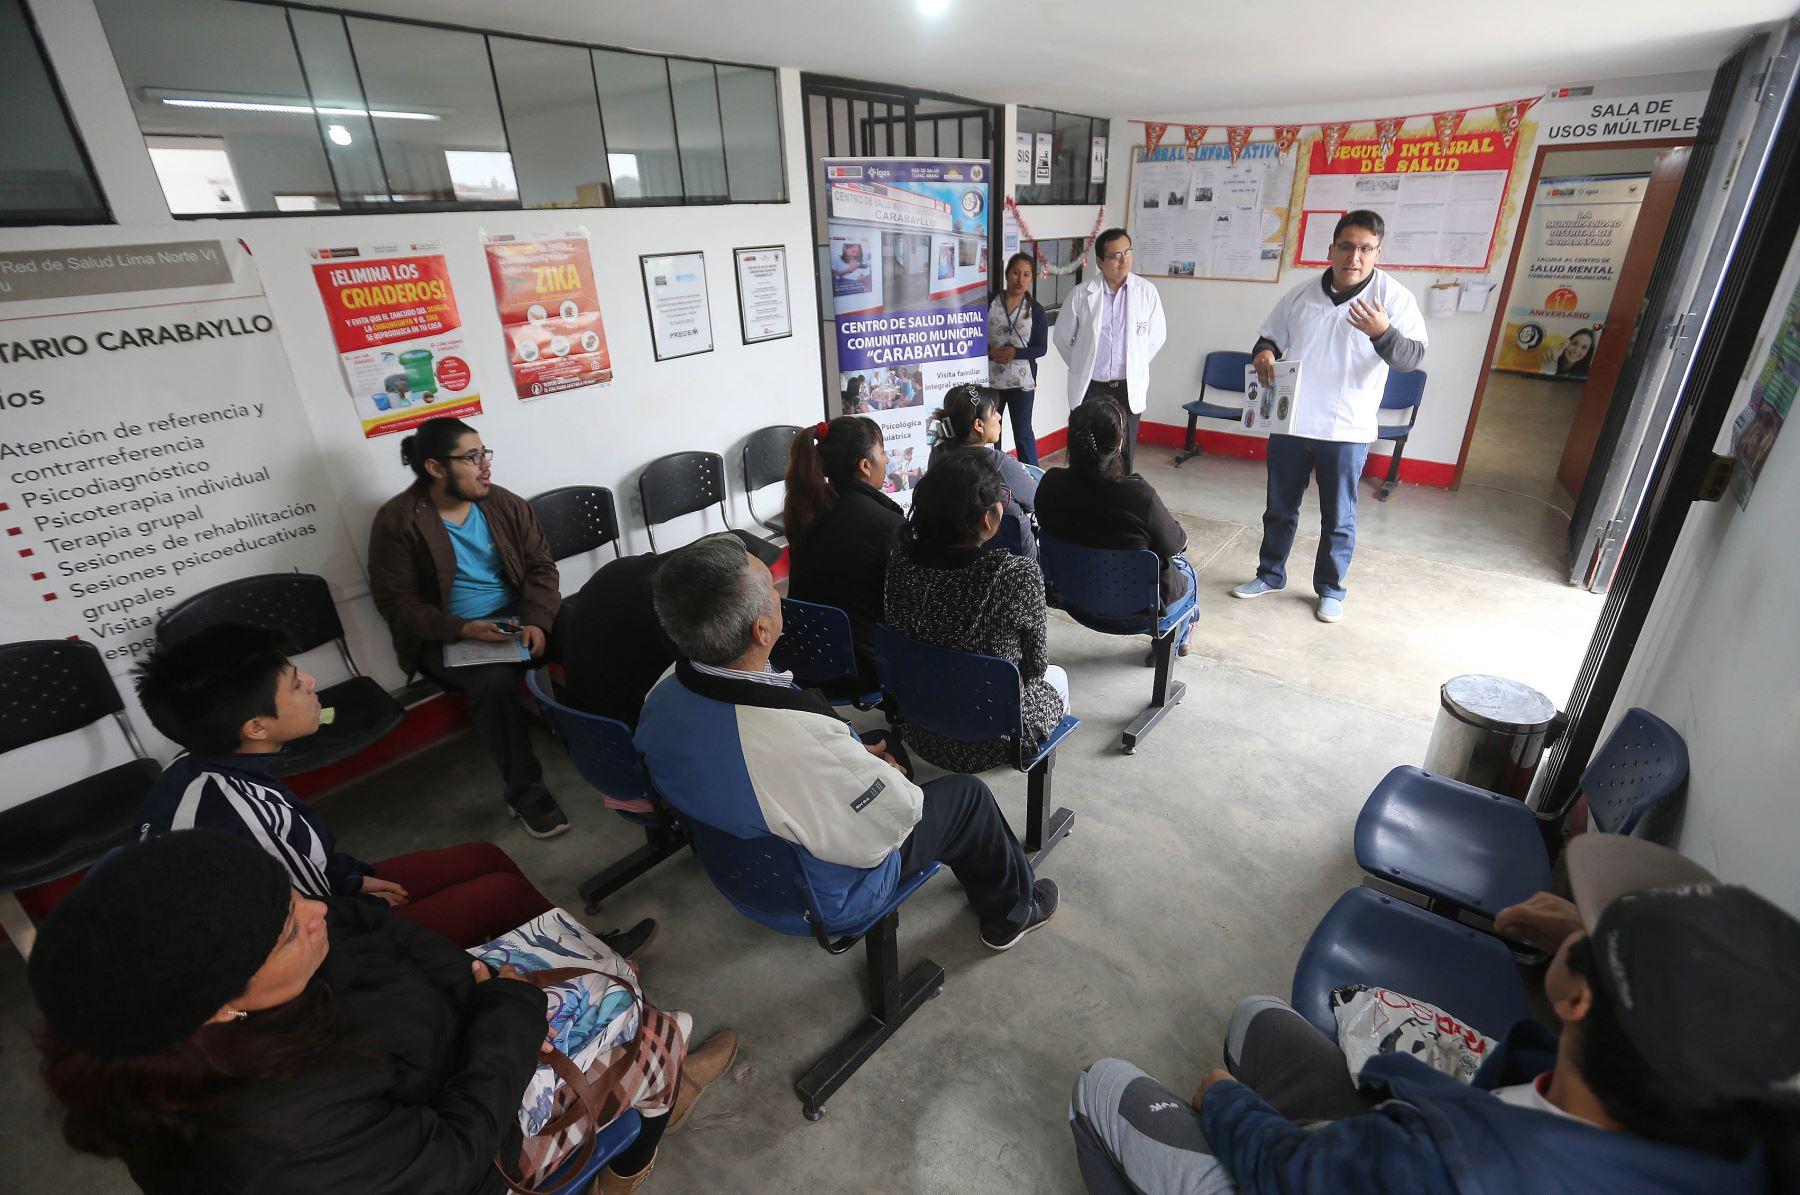 el Ministerio de Salud (Minsa) proyectó ampliar a 180 la cantidad de Centros de Salud Mental Comunitario (CSMC) en todo el país. ANDINA/Jhony Laurente